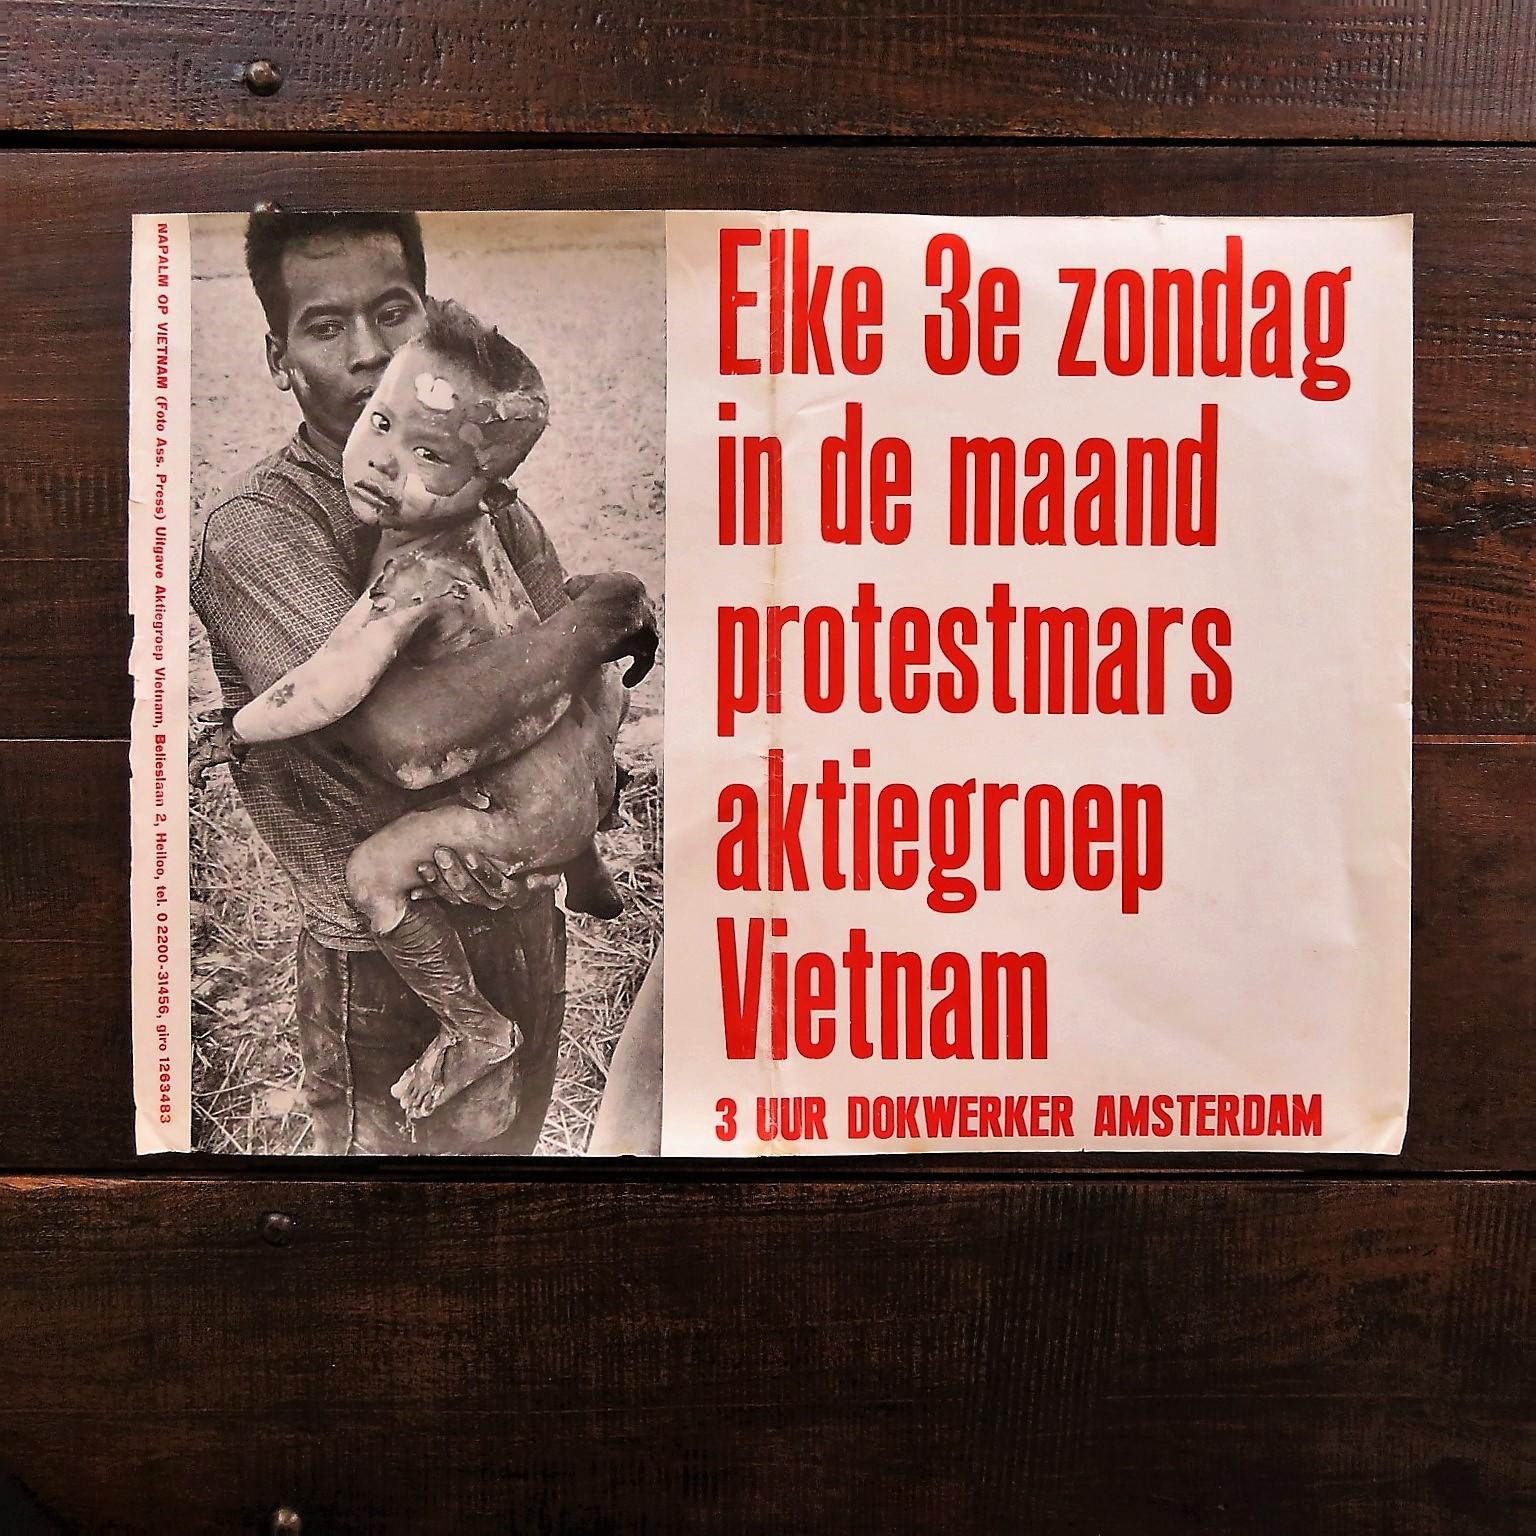 poster-aktiegroep-vietnam-1